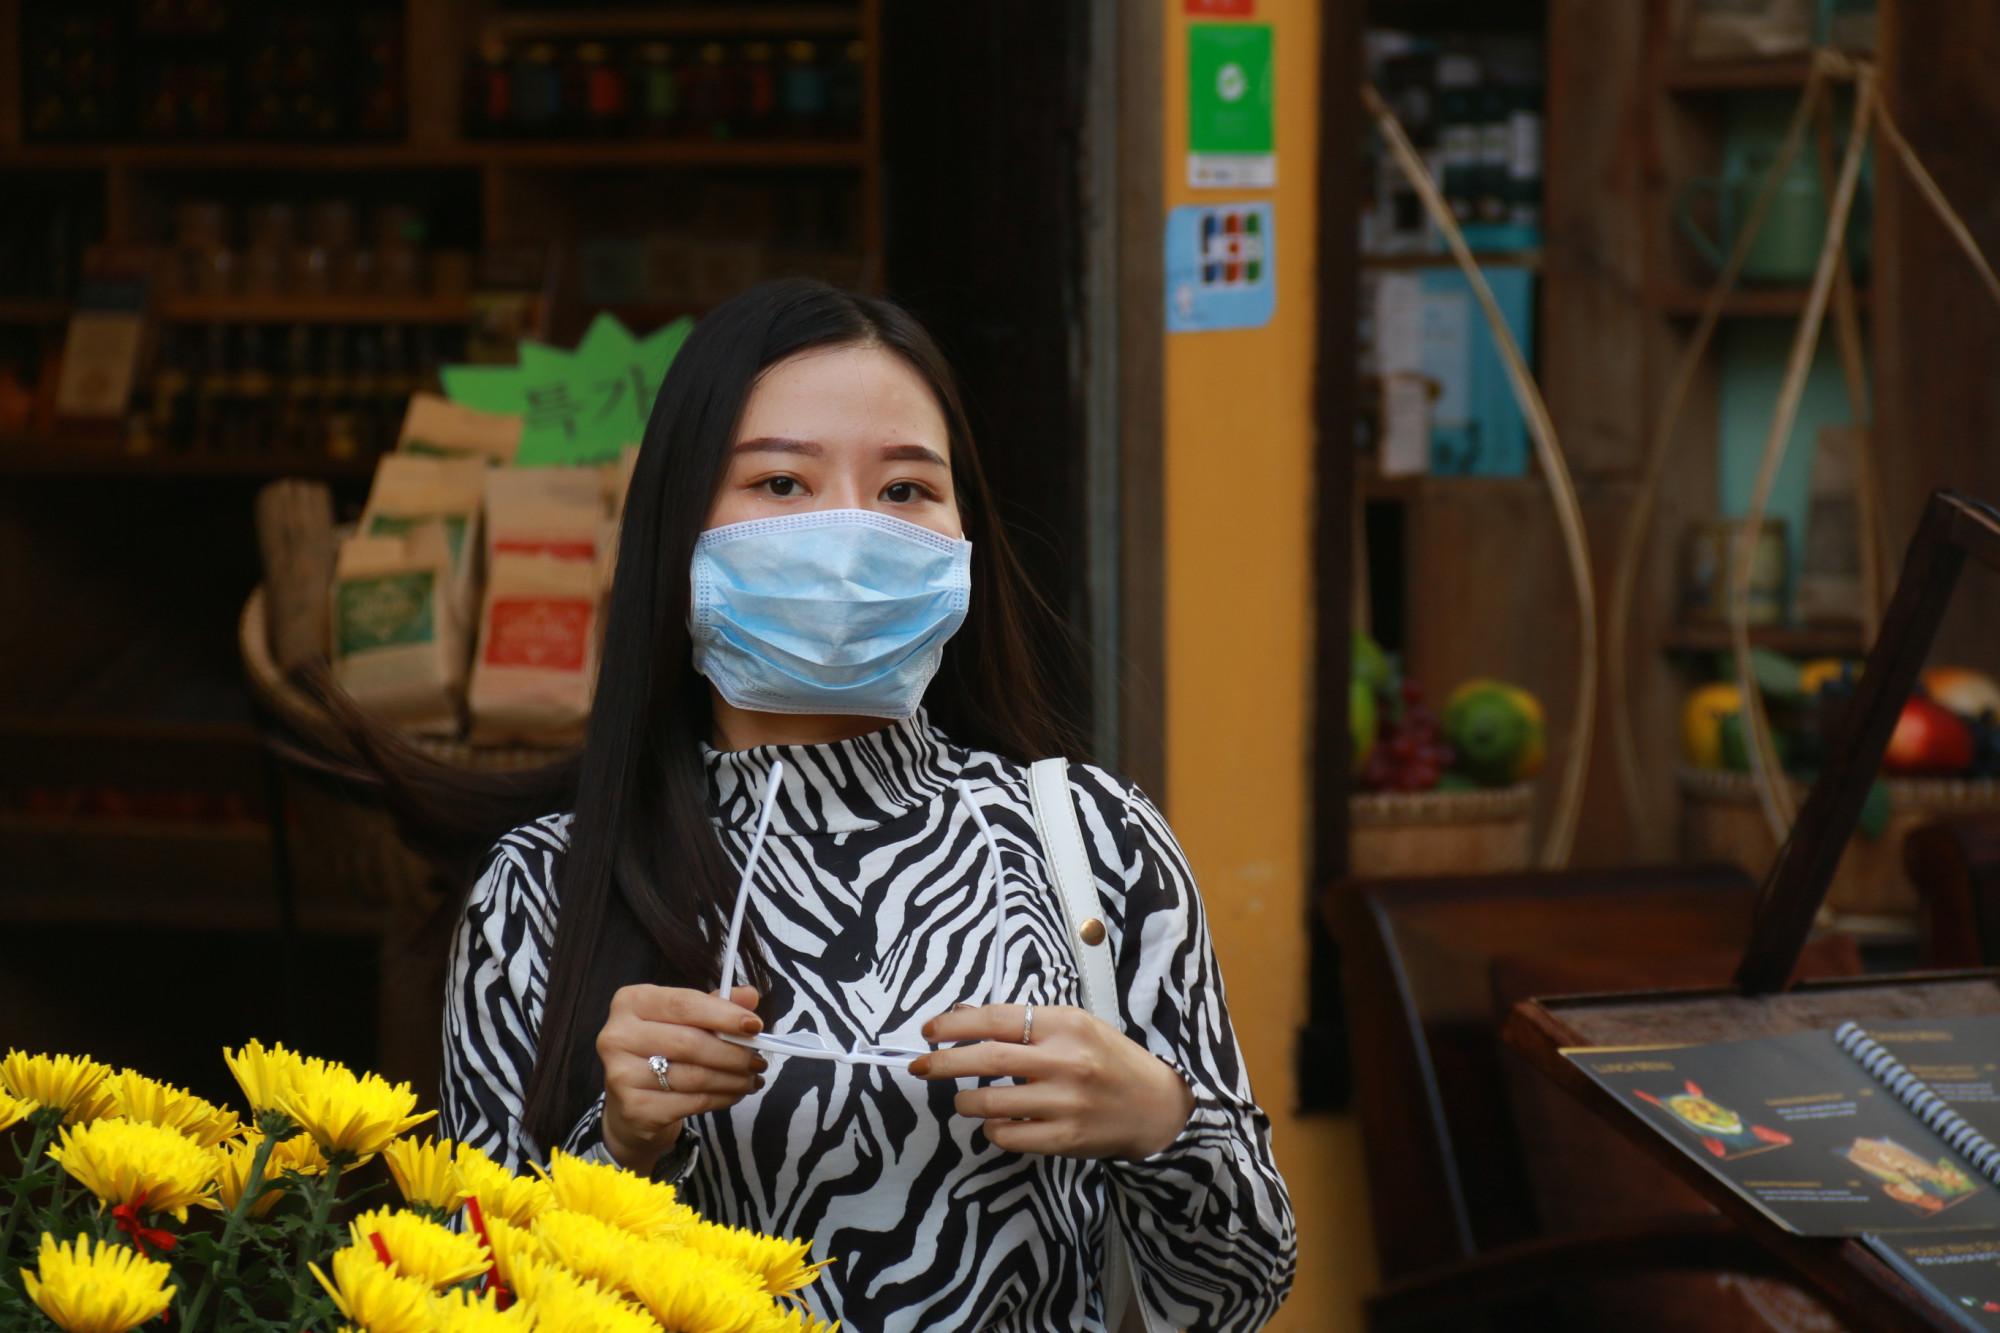 Một người phụ nữ chụp ảnh lưu niệm với khẩu trang bảo vệ mặt